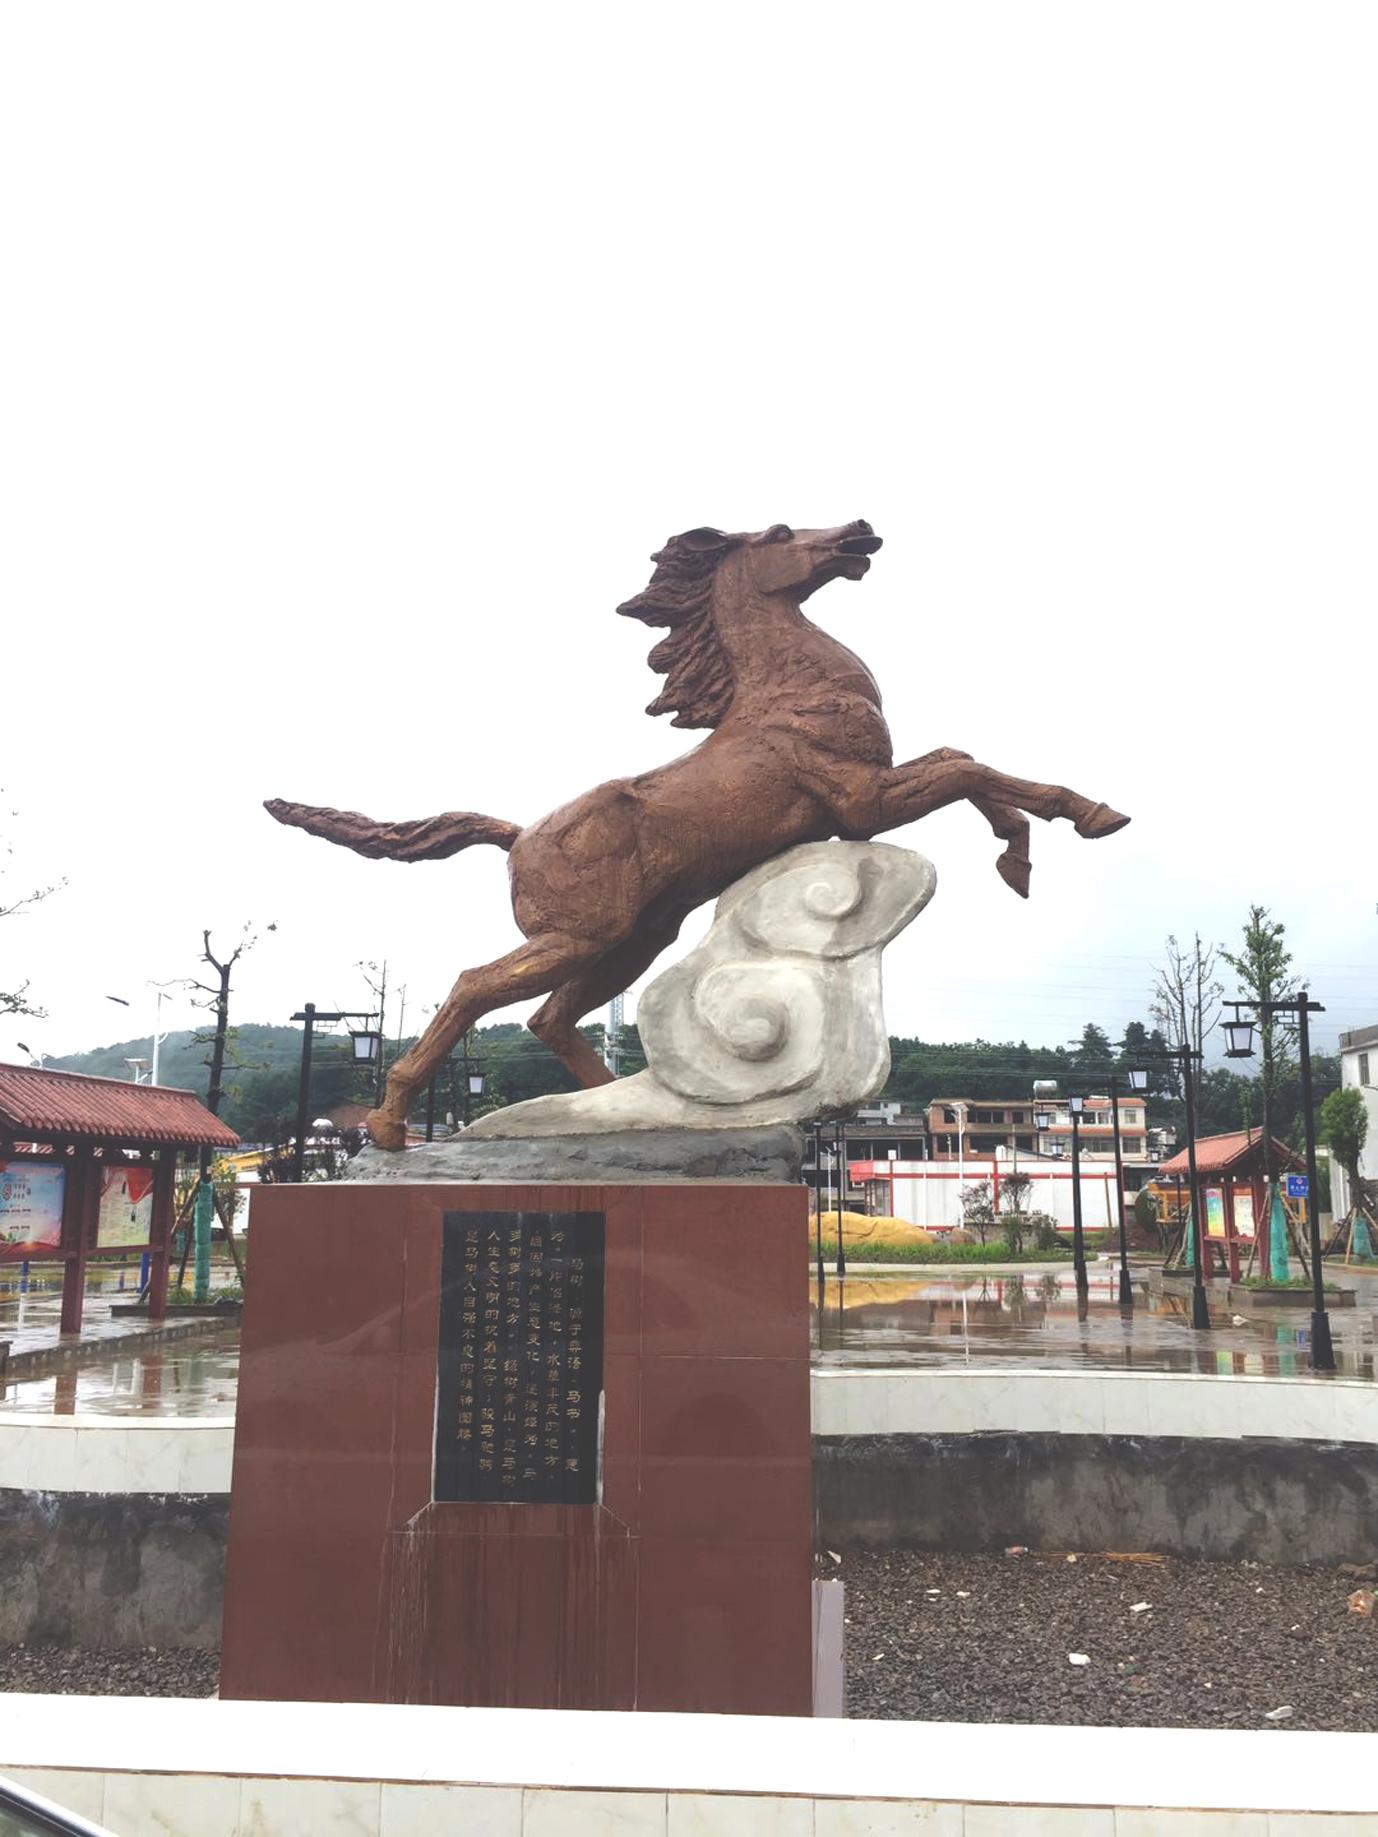 马雕塑  雕塑  马奔马雕塑